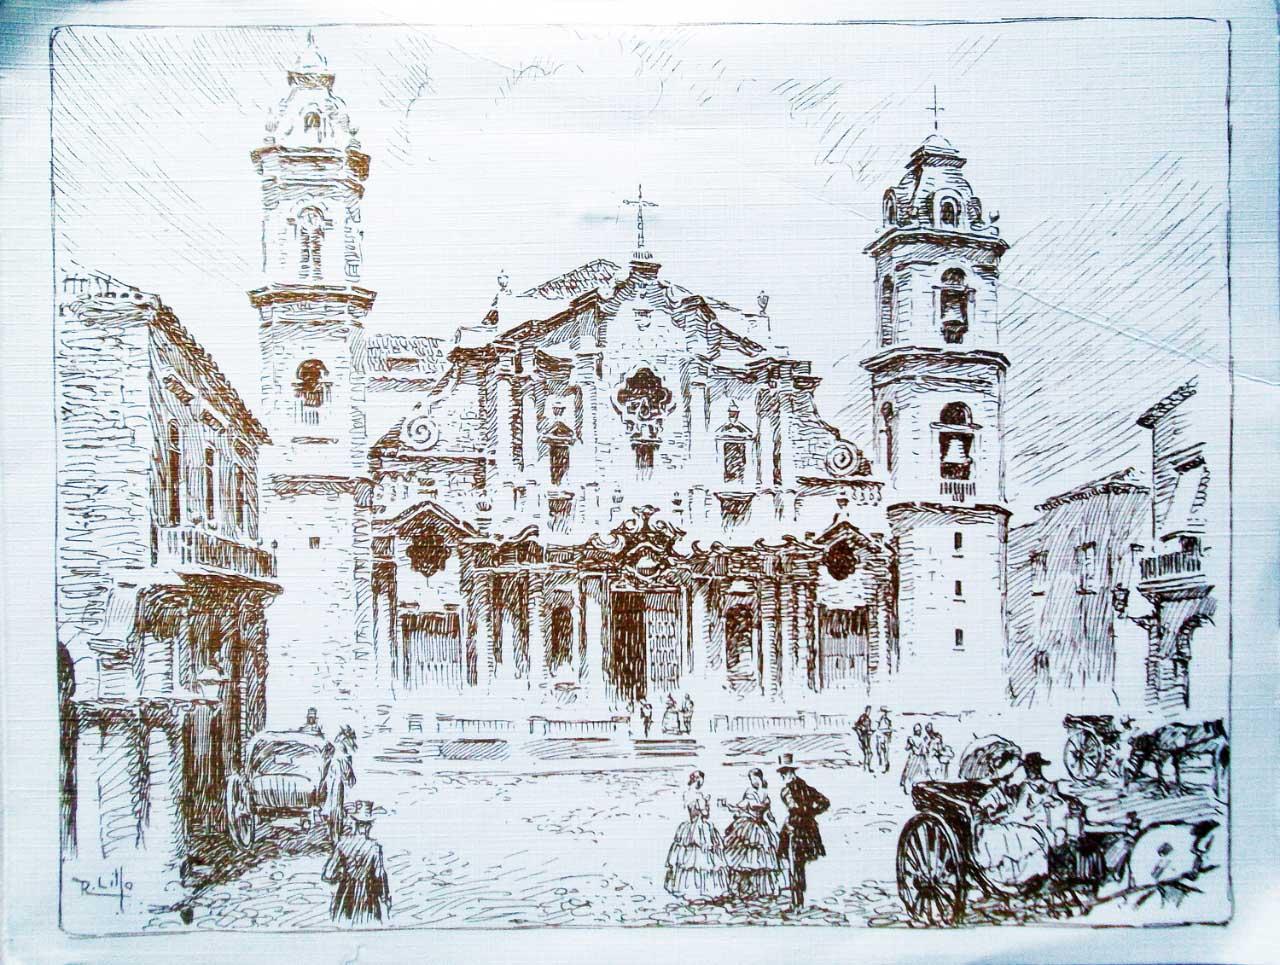 Кафедральная площадь, Гавана, гравюра. 18 век; открытка 80-х годов.